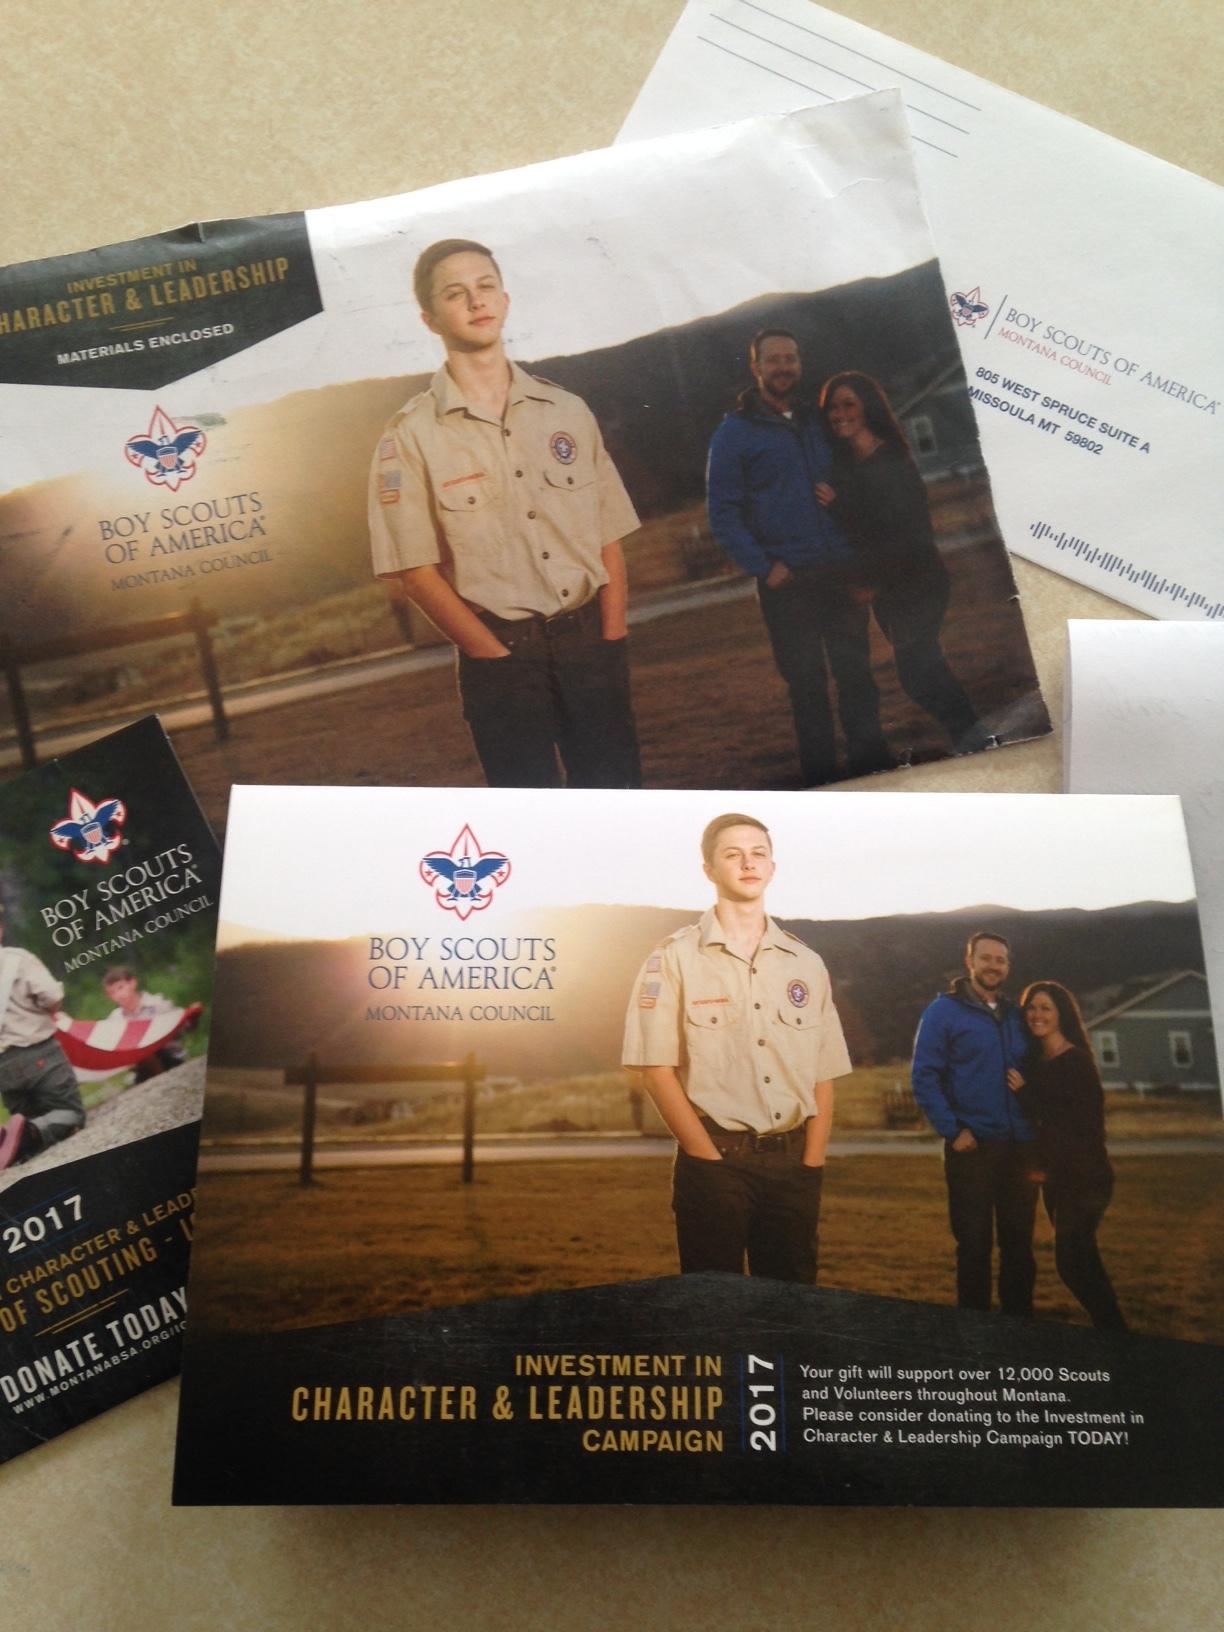 MT Council of Boy Scouts